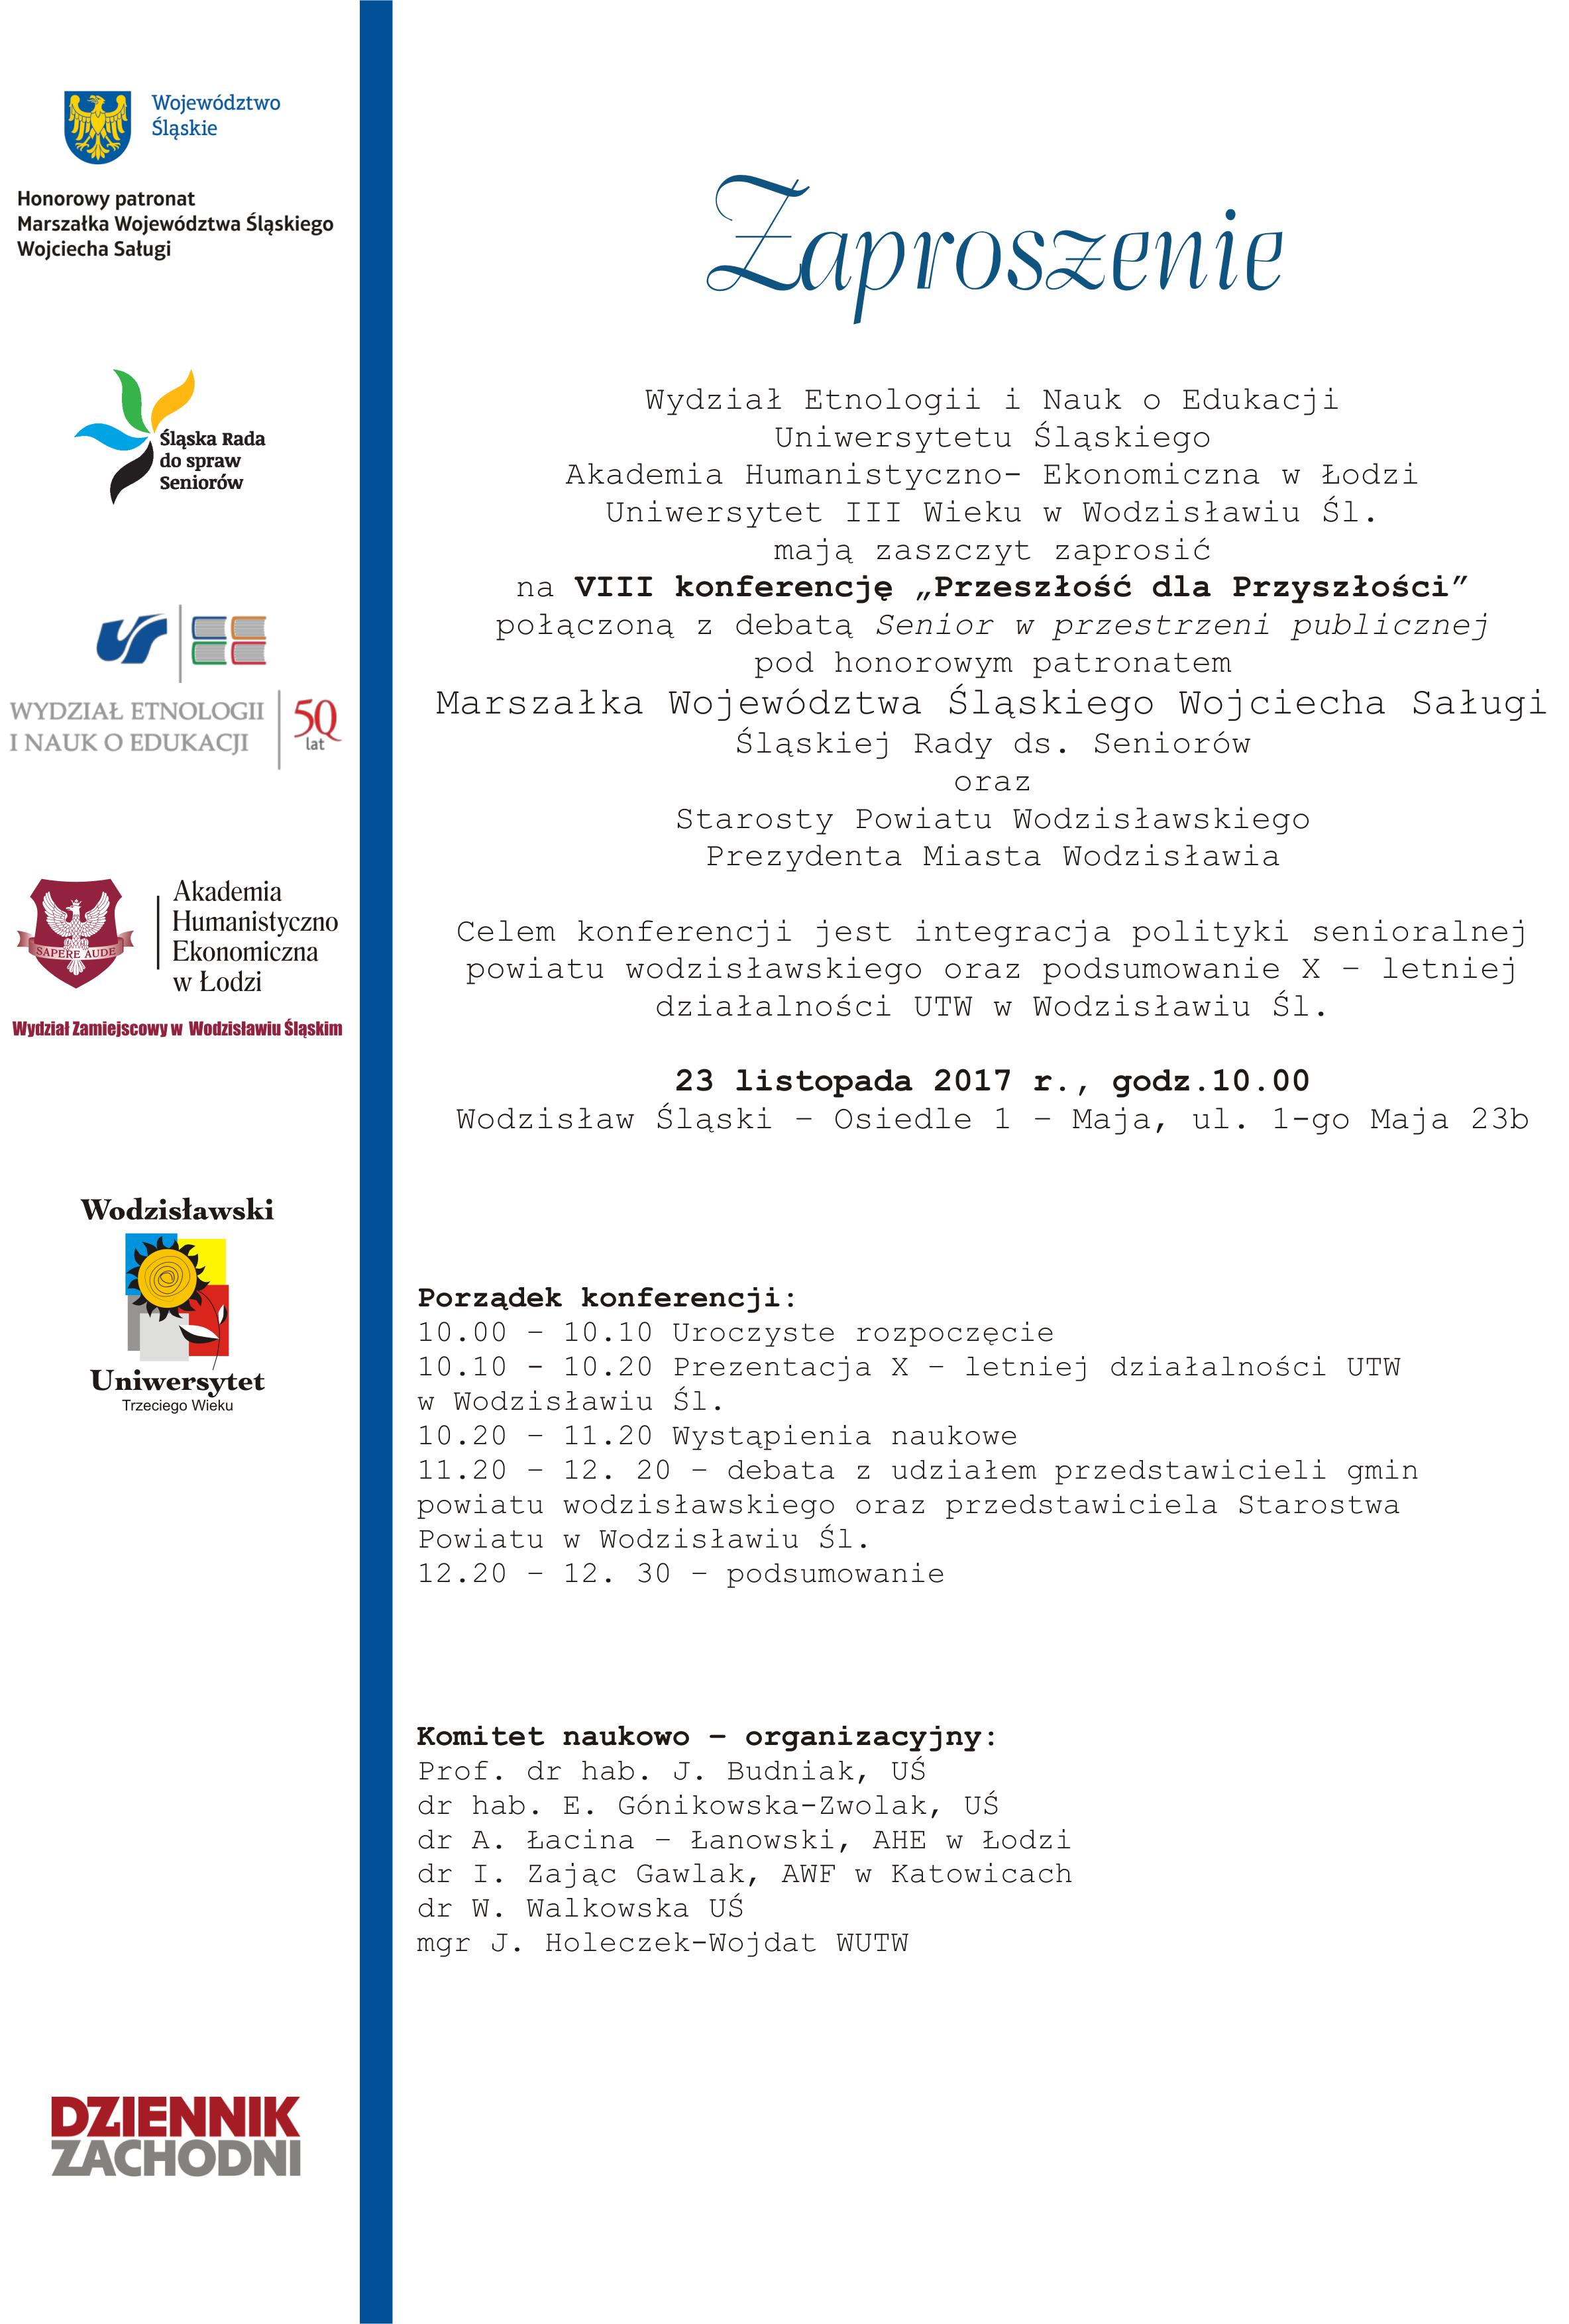 konferencja WZ AHE Wodzisław Ślaski